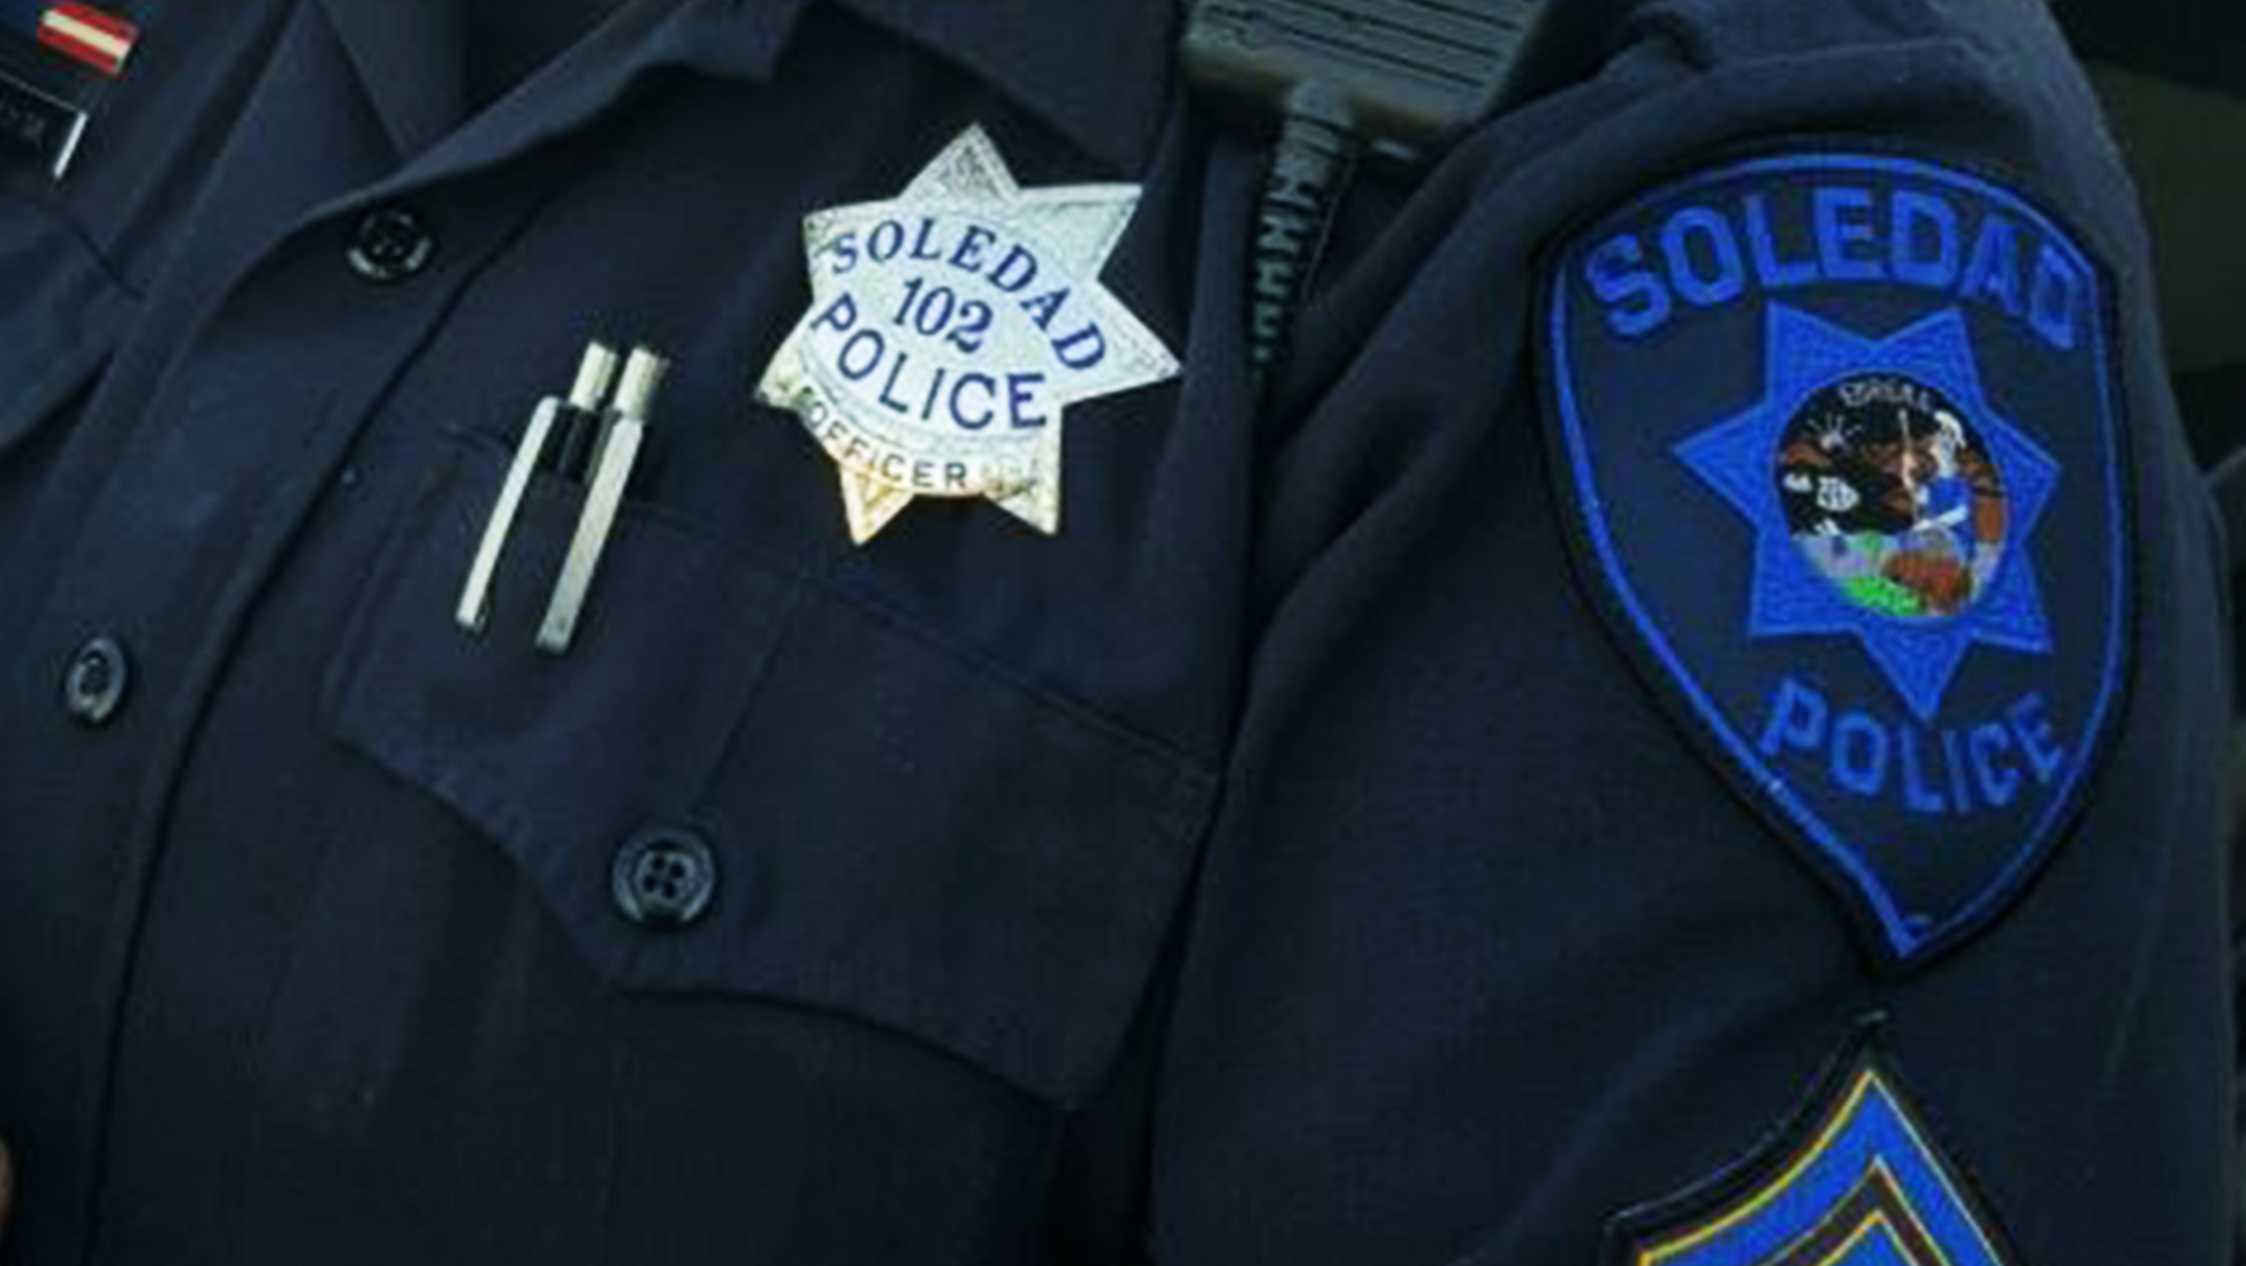 Soledad Police